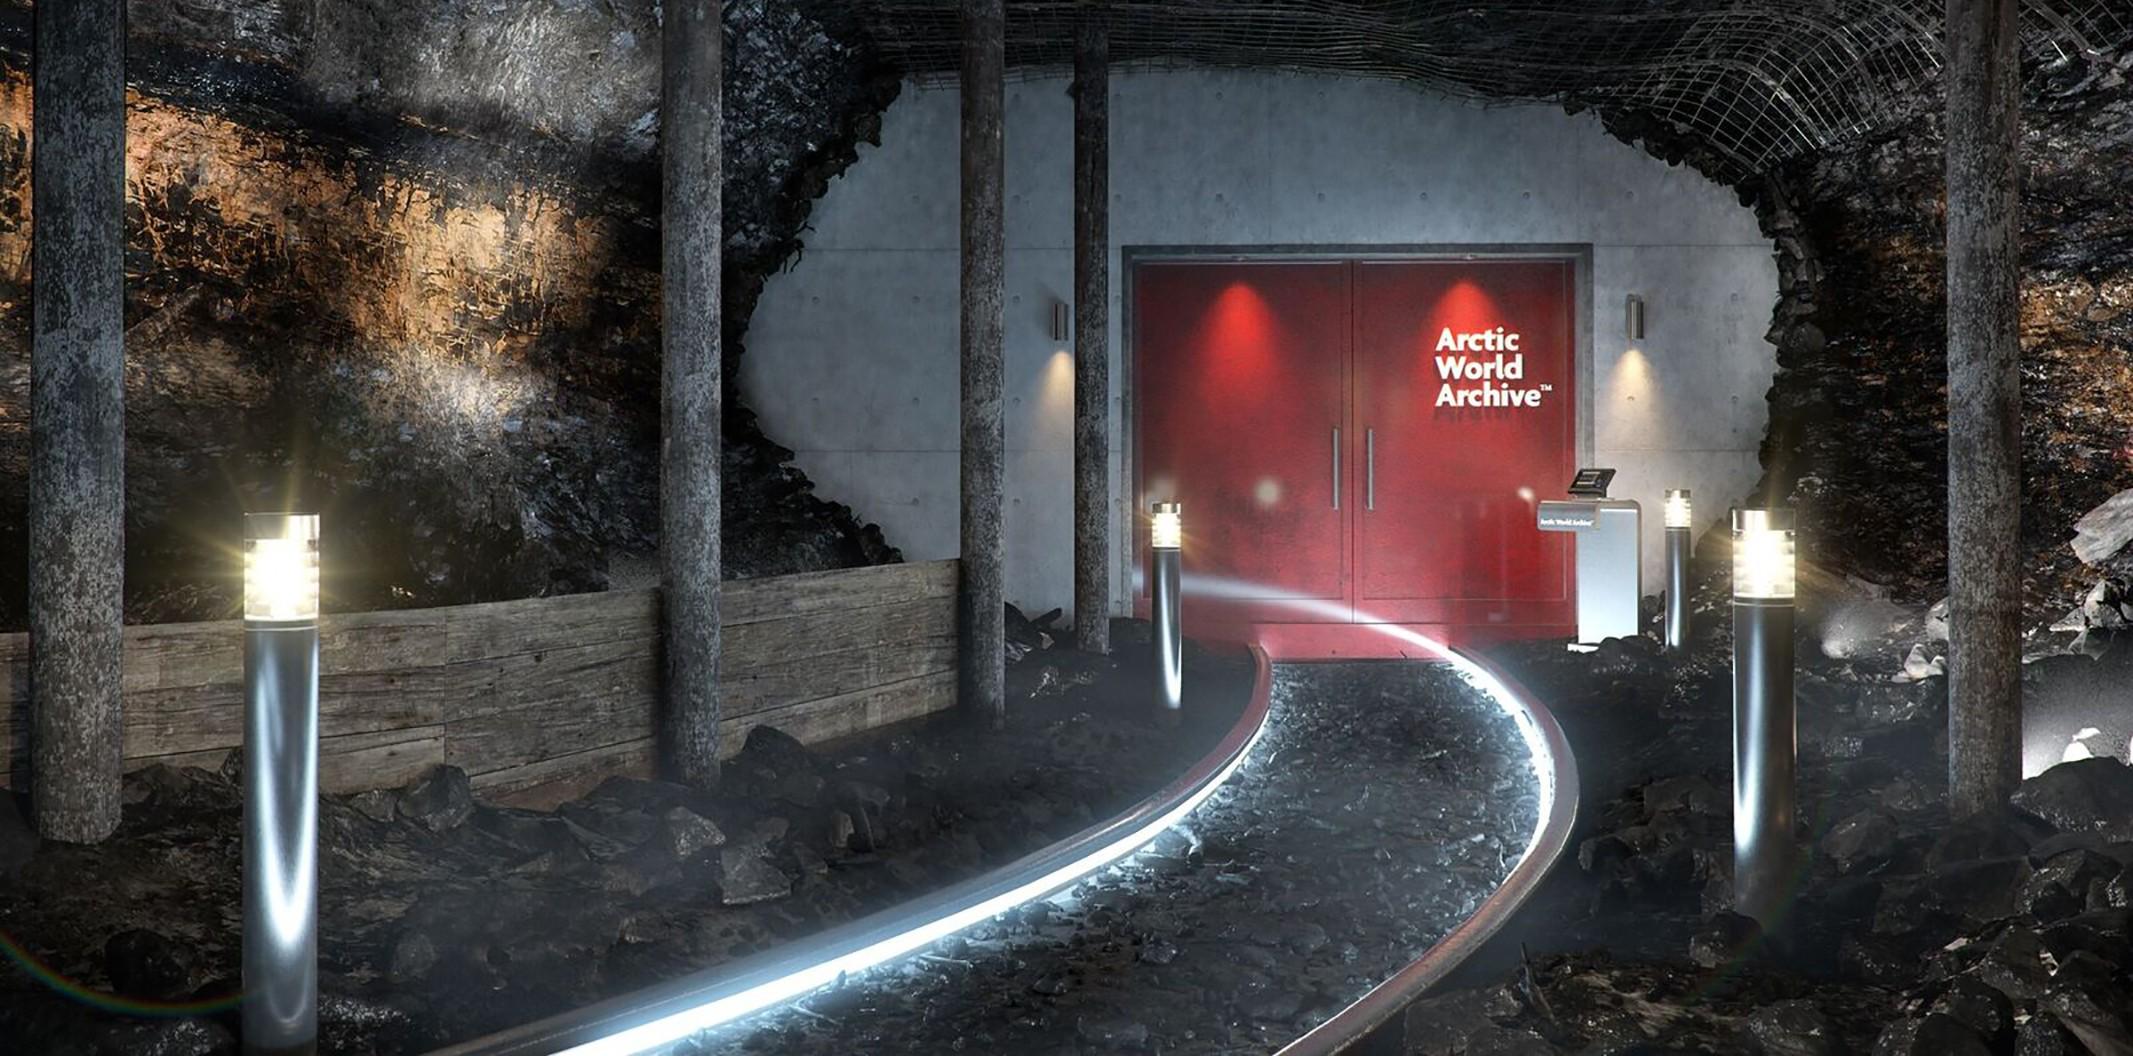 Fachada do Arquivo Ártico Mundial (Foto: Museu da Pessoa/ Divulgação)